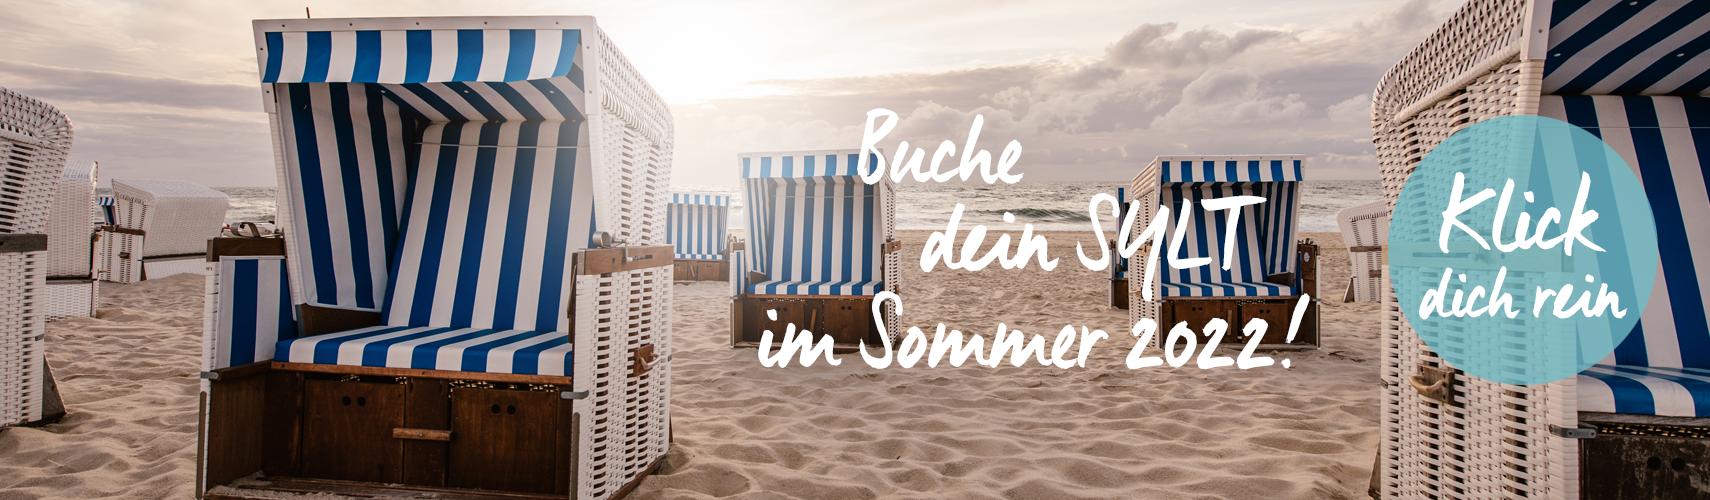 Angebote für den Sommer auf Sylt im Wyn. Strandhotel Sylt